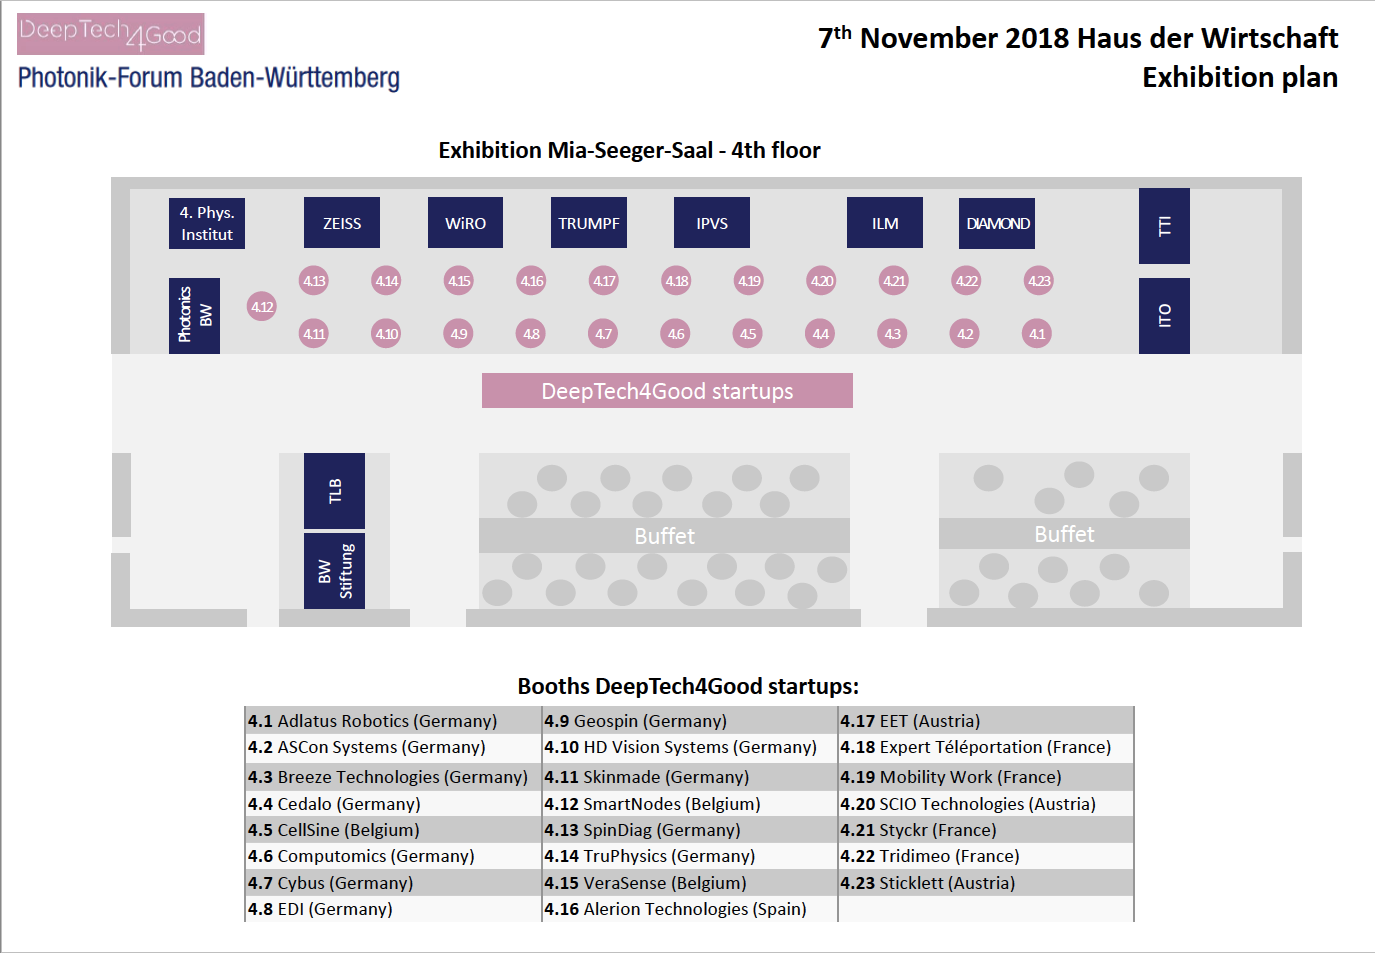 Hallenplan DeepTech4Good-Stuttgart